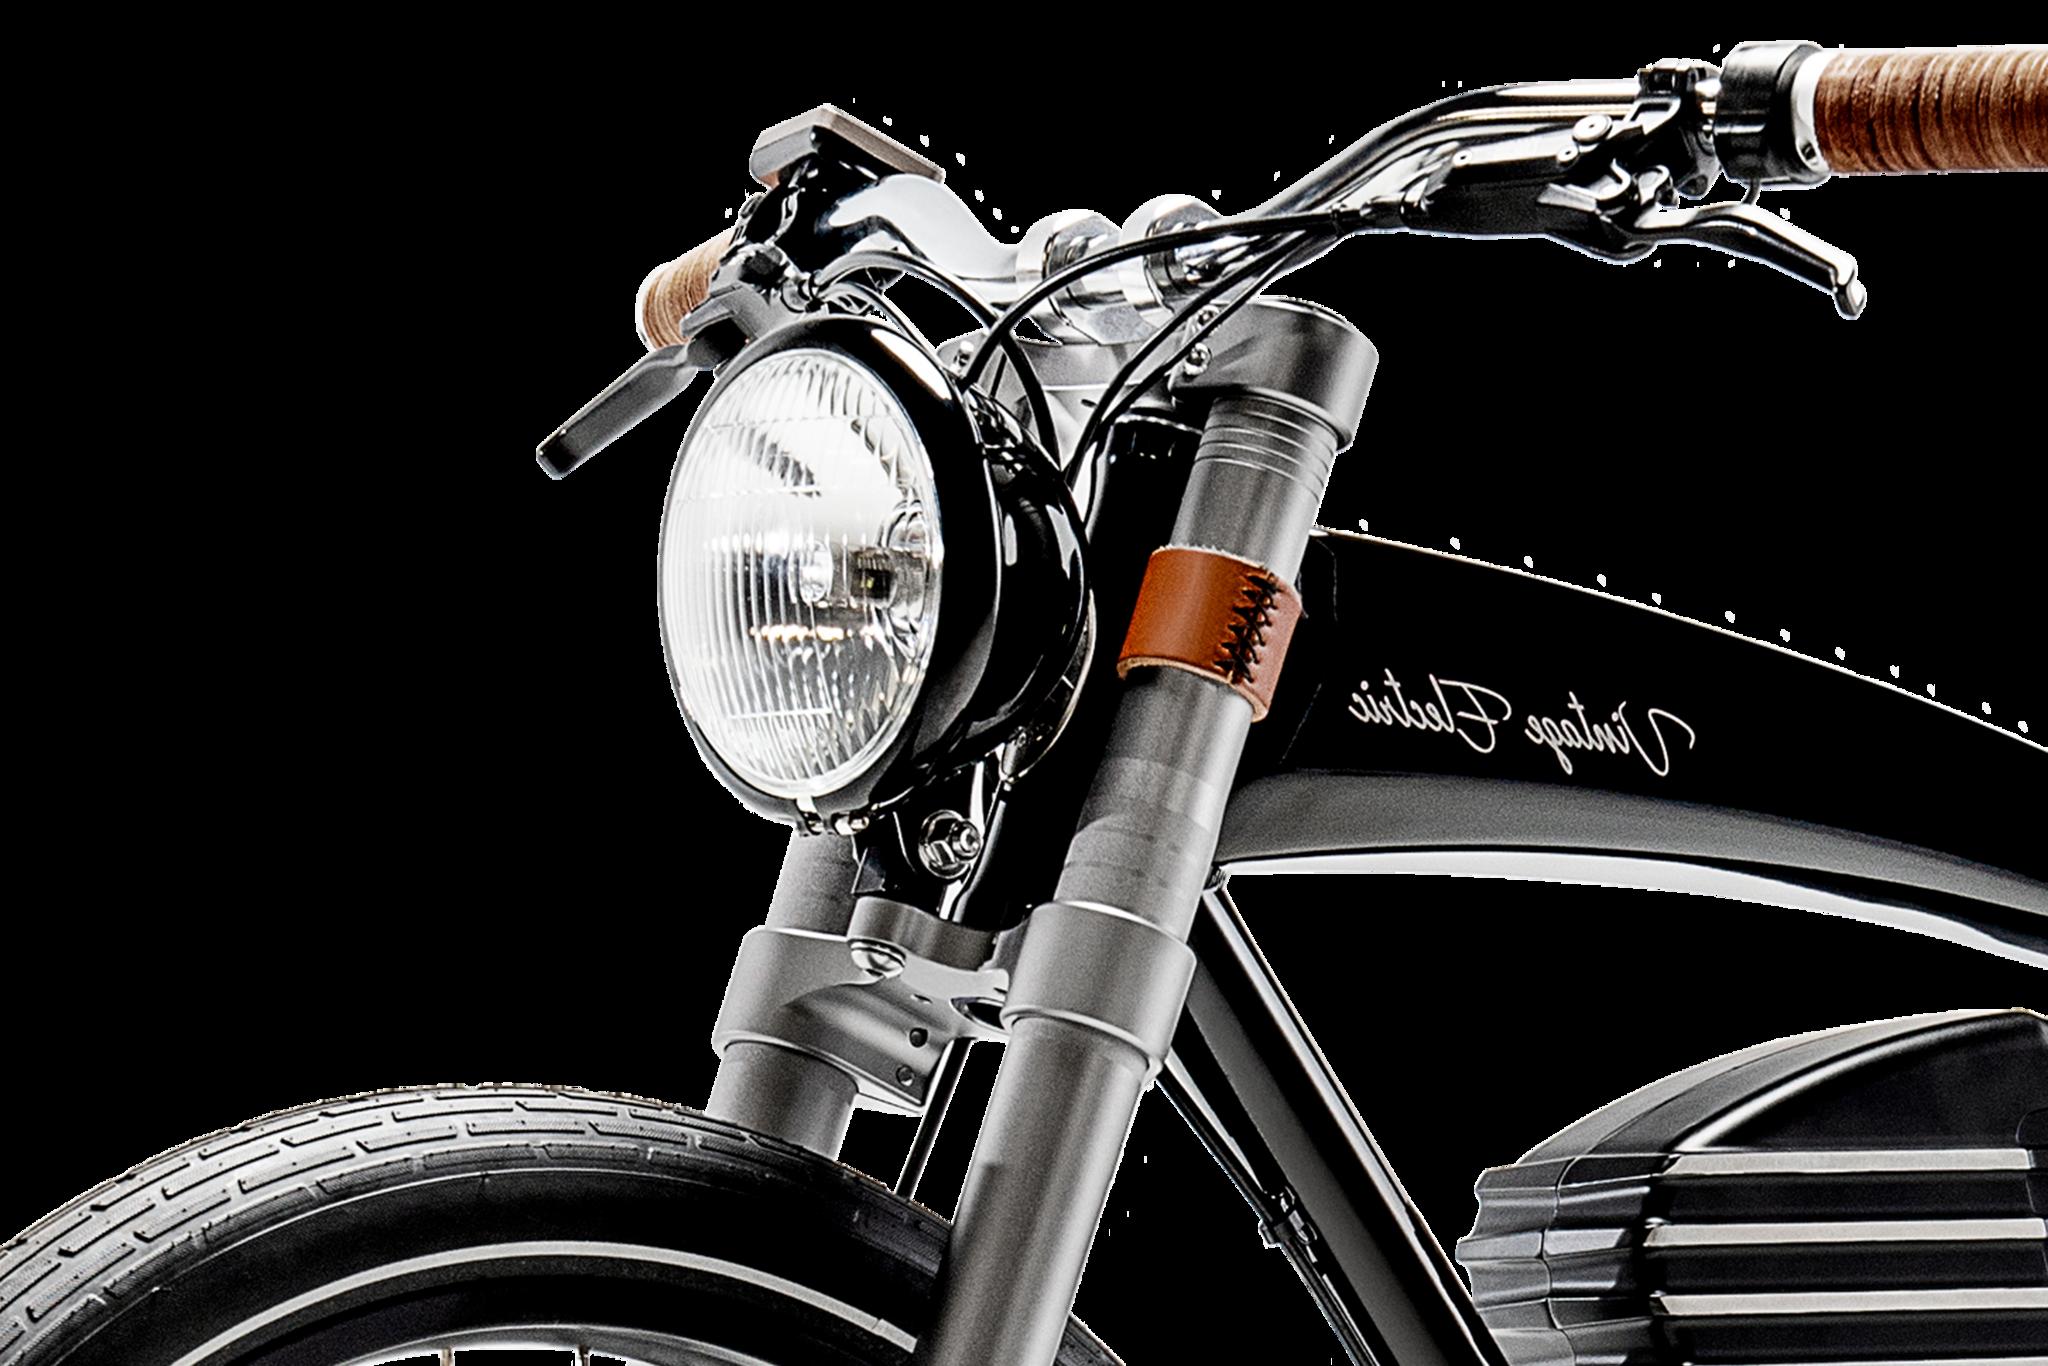 Comment calculer la puissance d'un vélo électrique ?